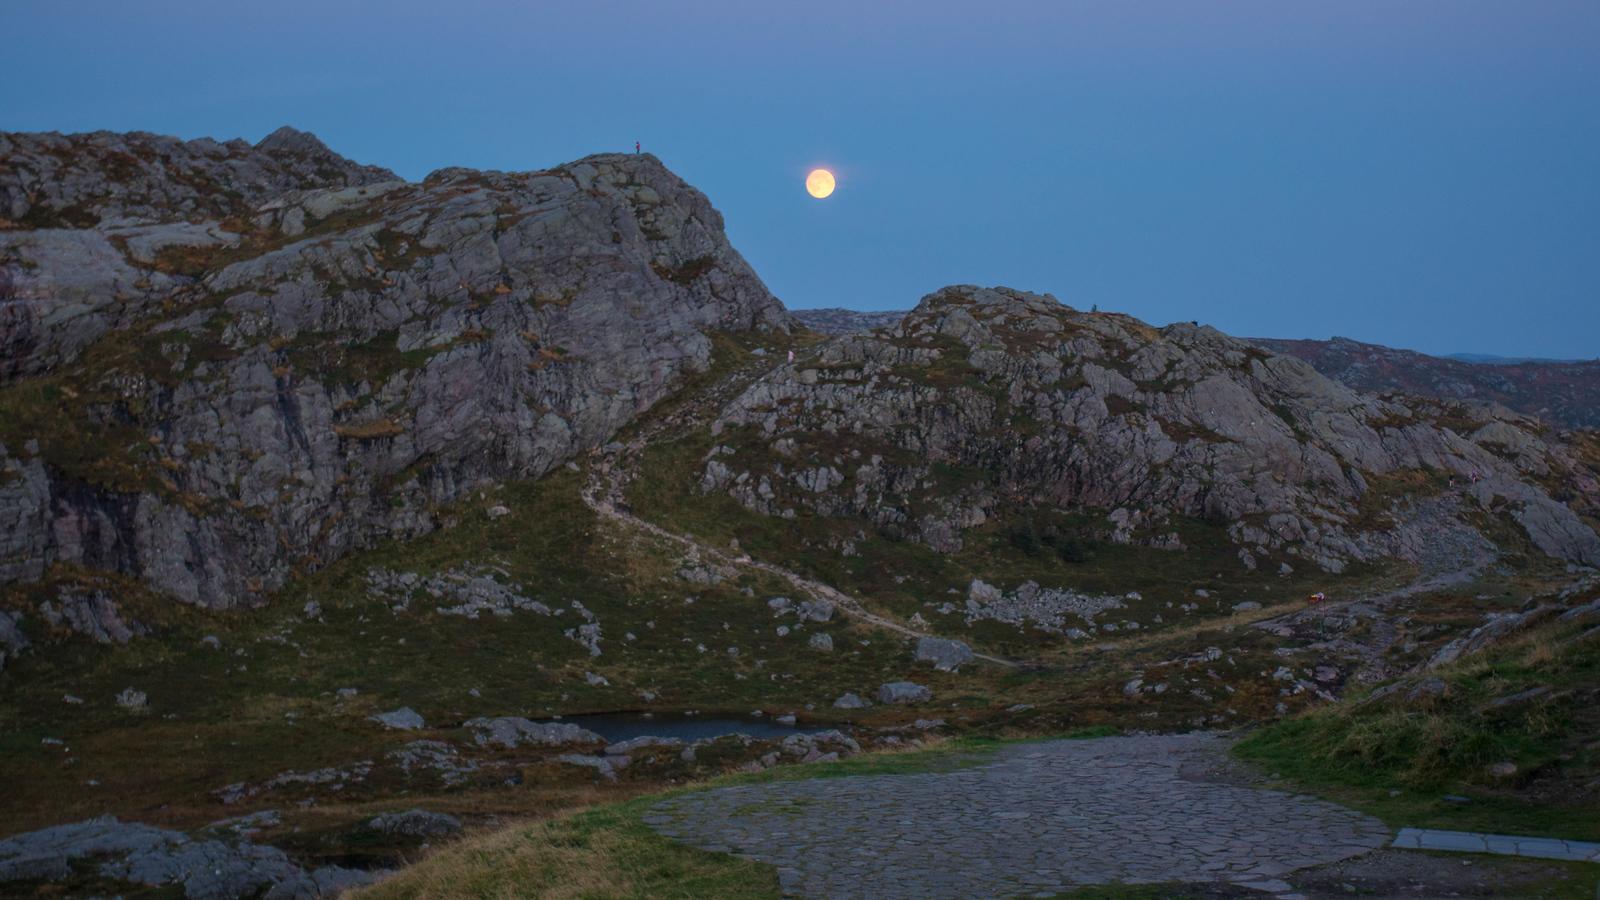 The Mountains surrounding Mount Urlicken in Bergen, Norway